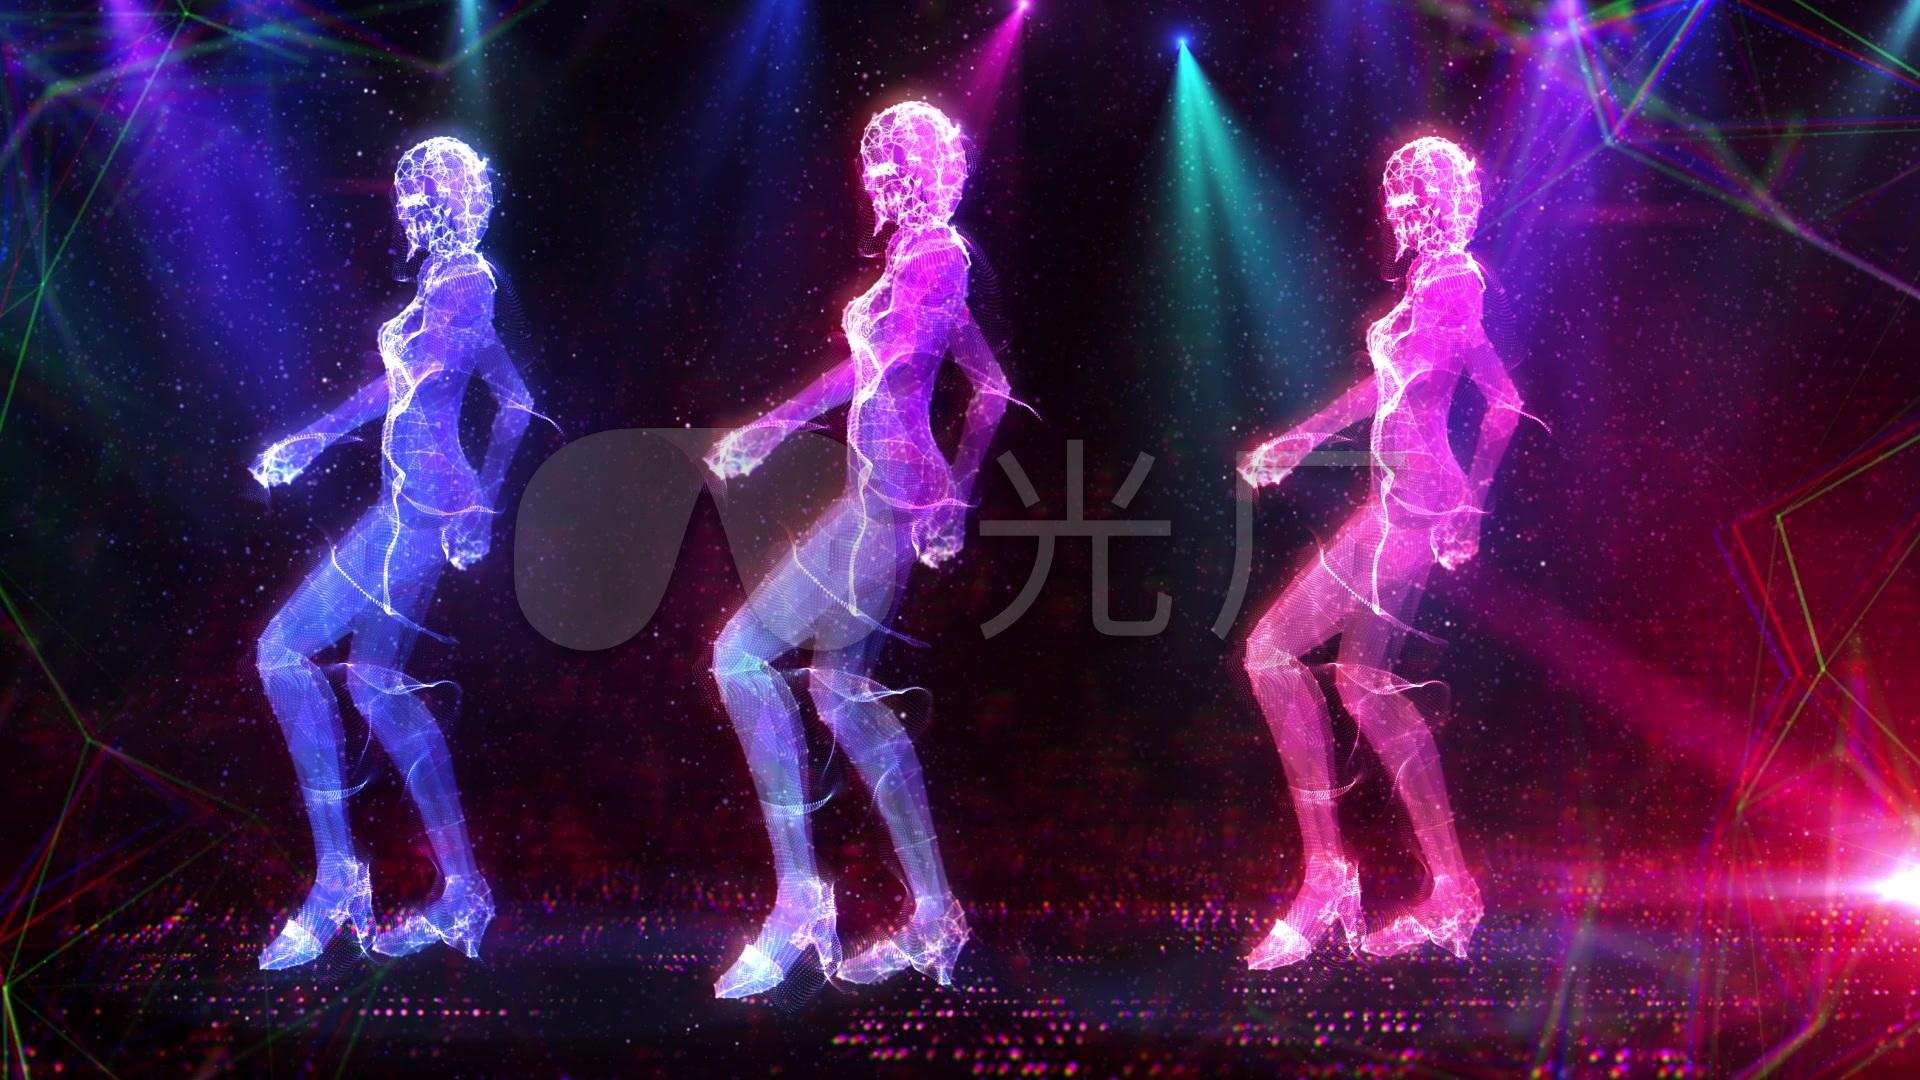 的卡全息女跳舞_1920X1080_性感视频素材下高清通性感可爱图片